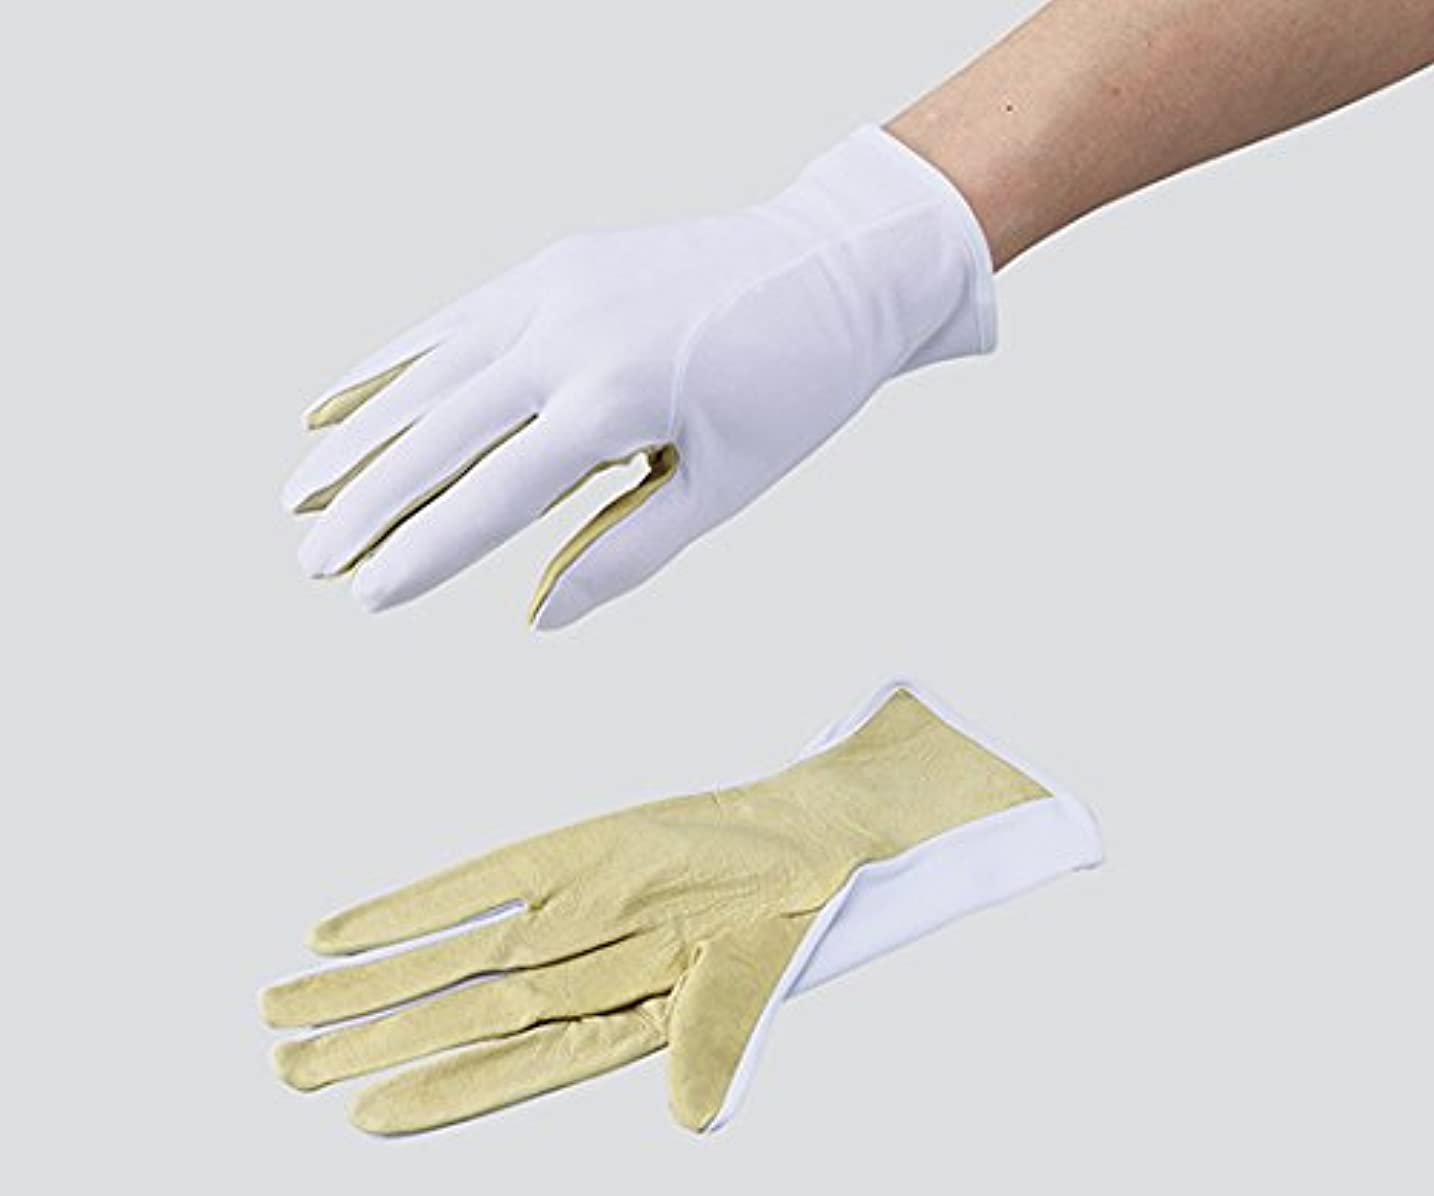 状態ウェブスカーフ3-6076-02革手ライナー手袋ポップハンド(R)MP-805